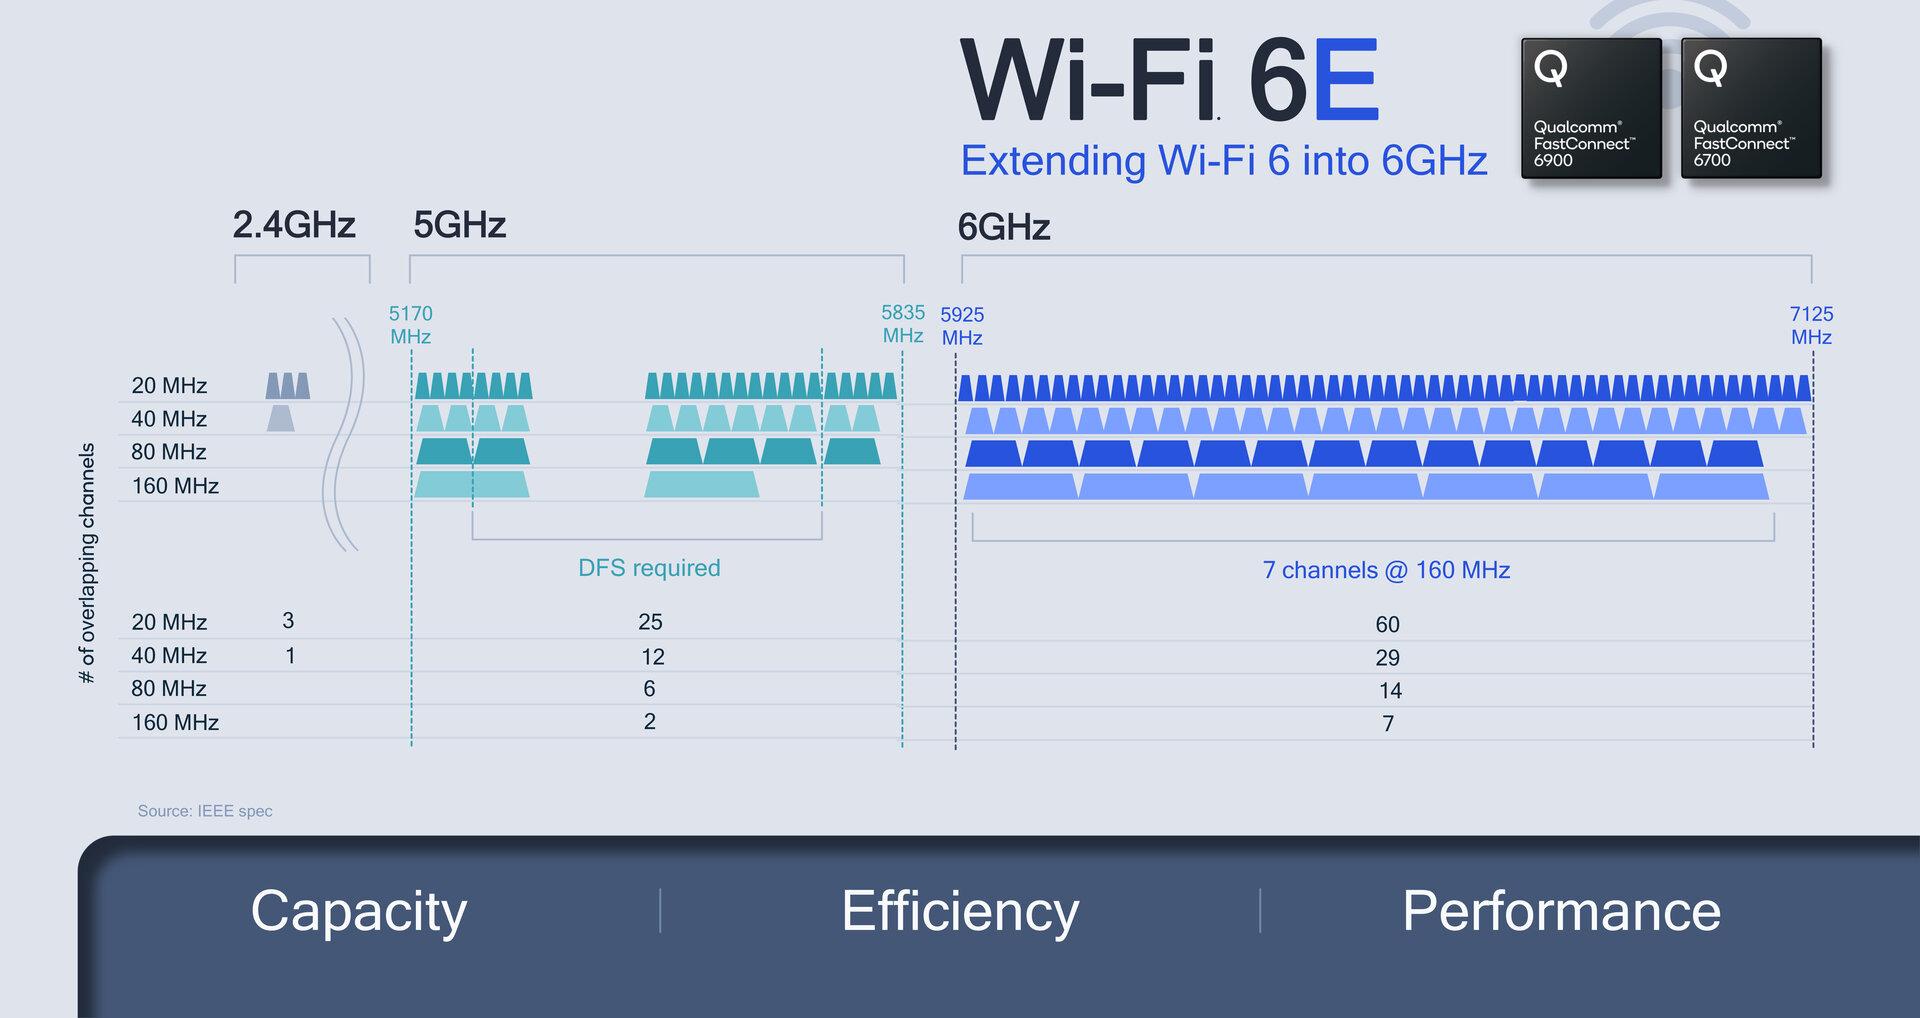 Wi-Fi 6E bietet 1.200MHz zusätzliches Spektrum im 6-GHz-Bereich